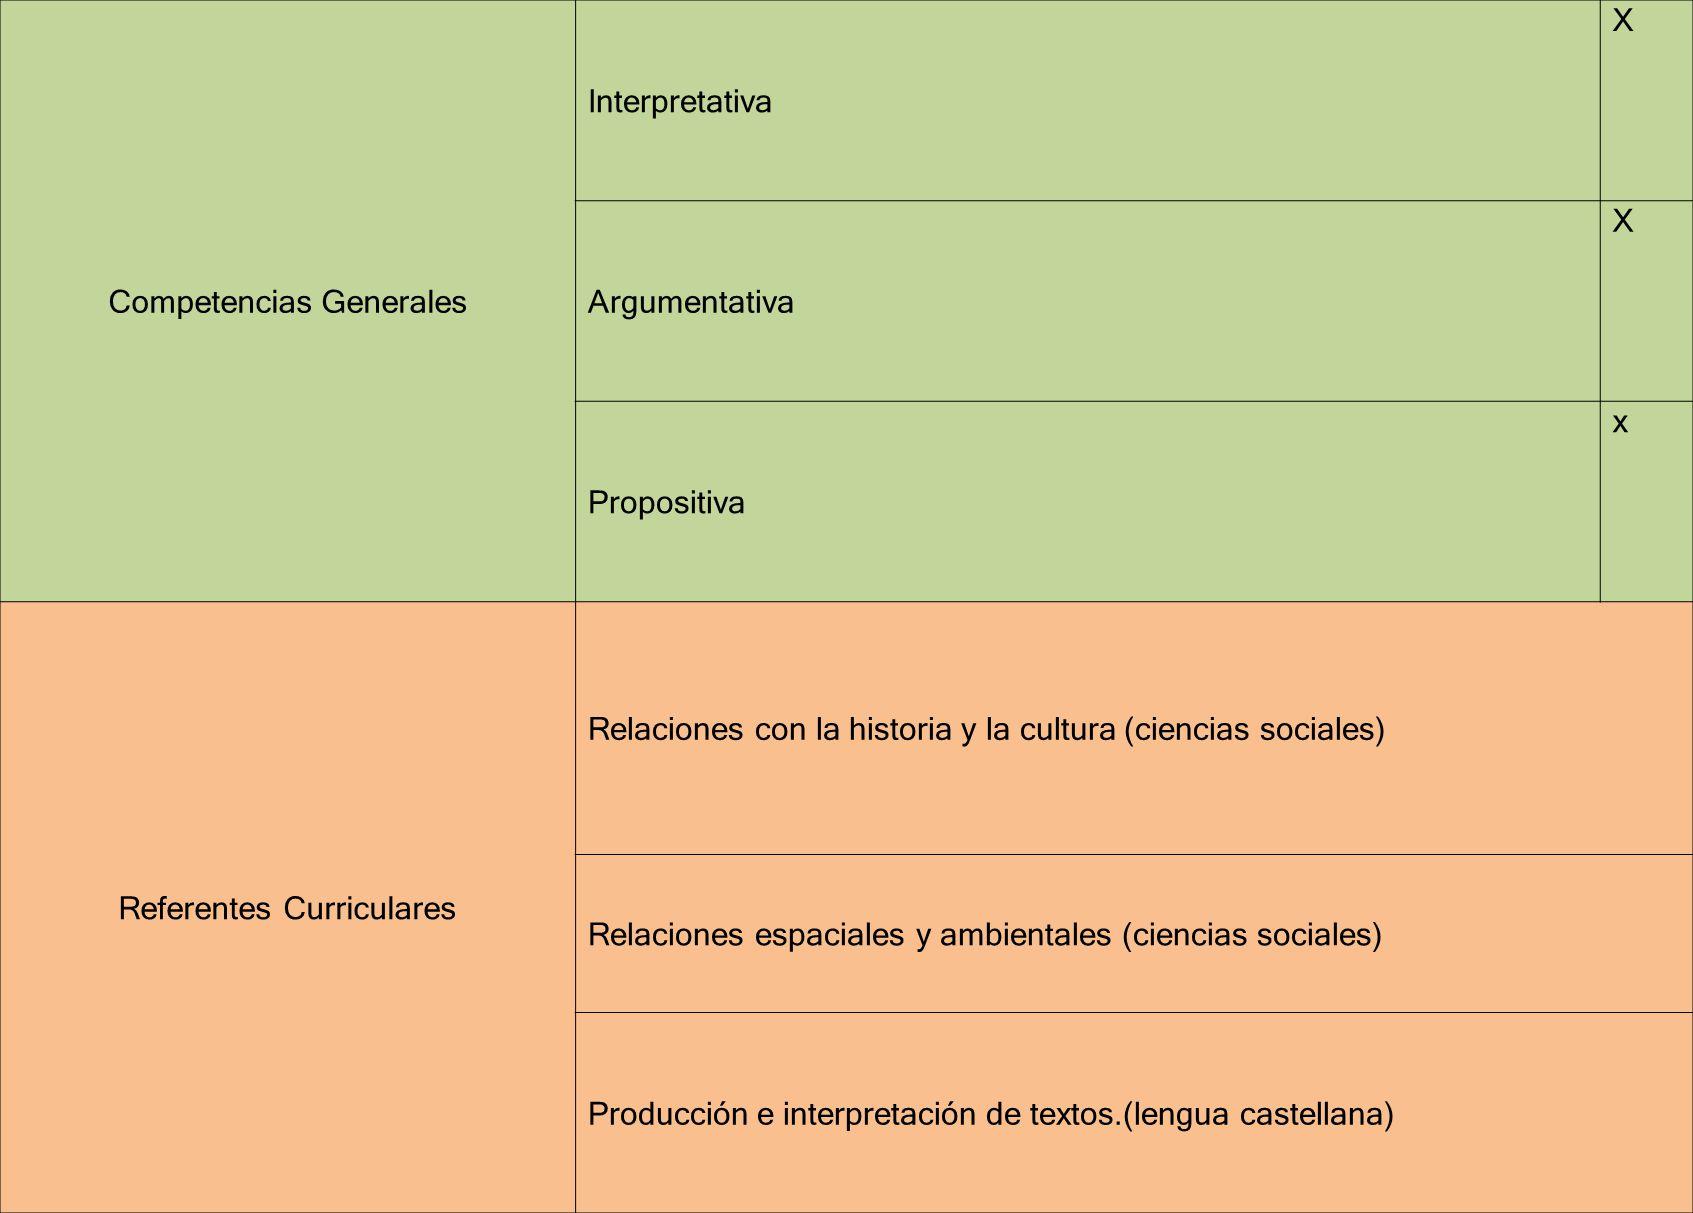 Competencias Generales Interpretativa X